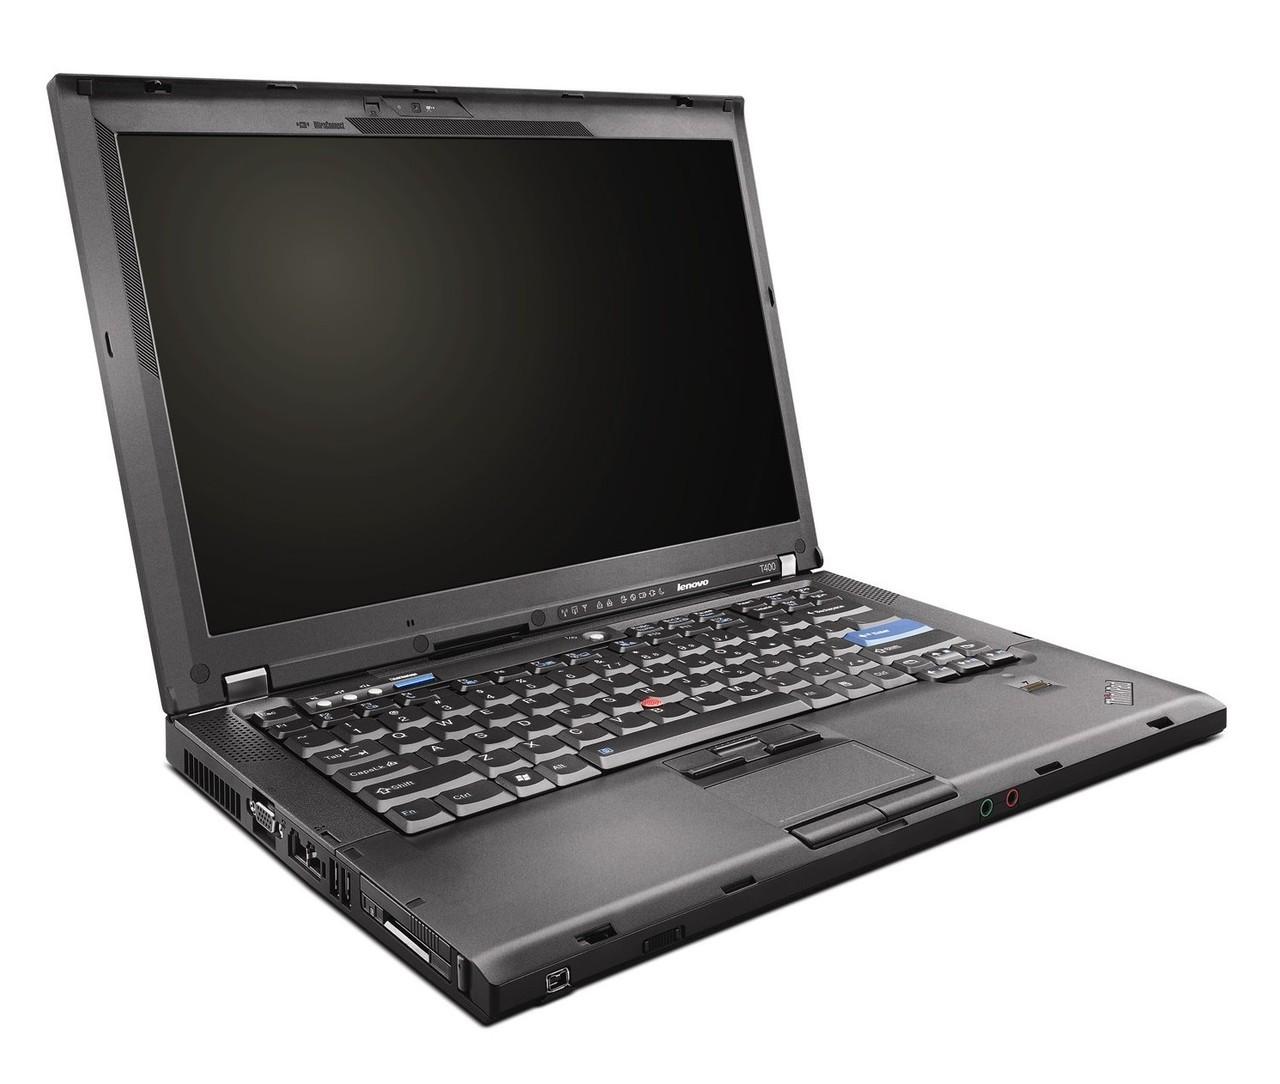 Lenovo Thinkpad T400 - Side Display View